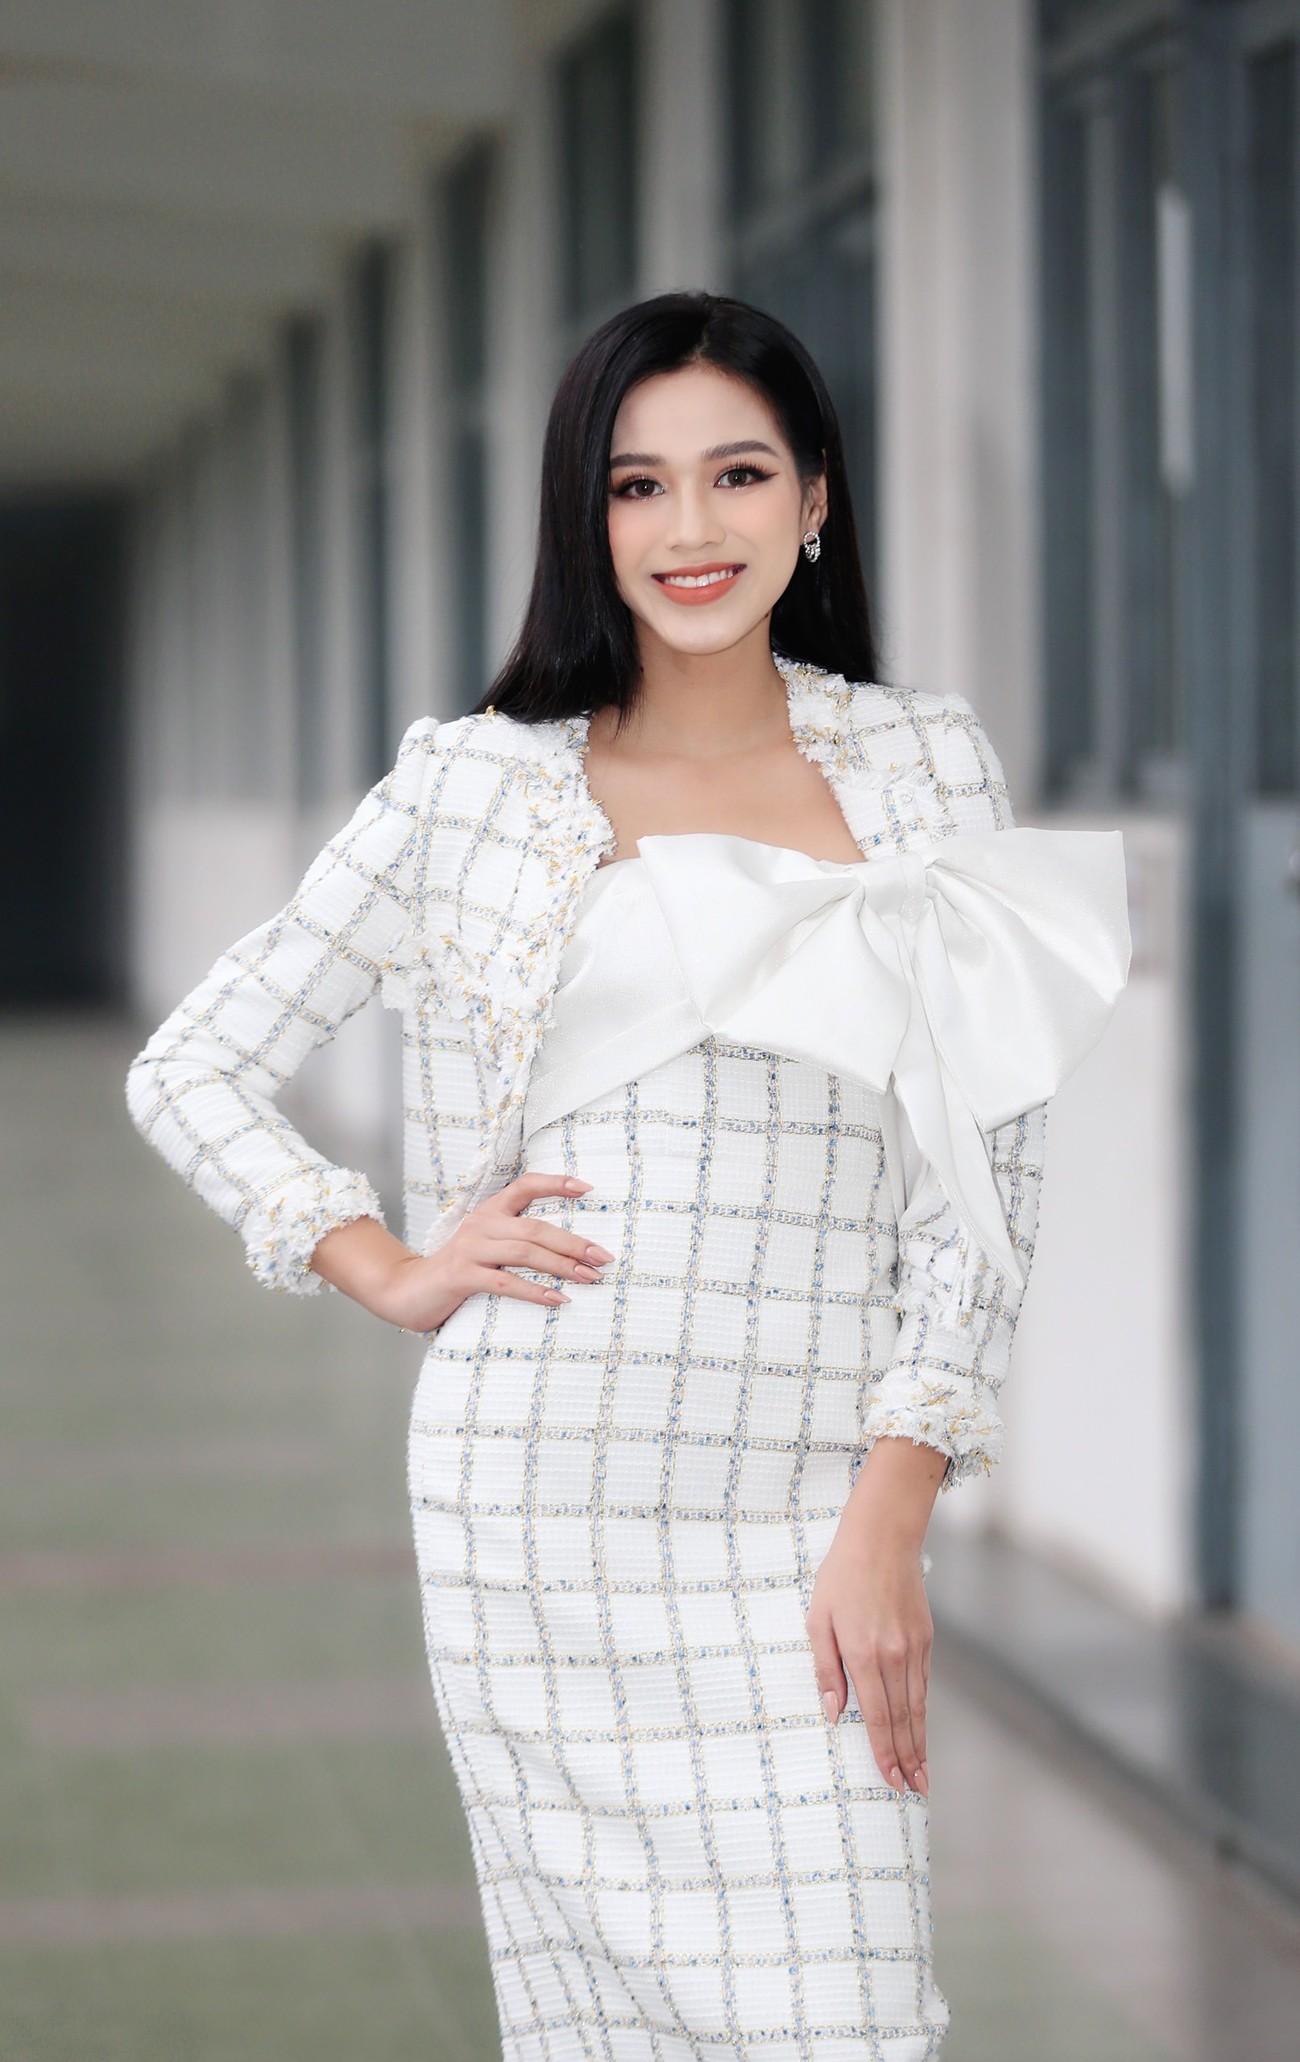 Hoa hậu Đỗ Thị Hà và Á hậu Phương Anh, Ngọc Thảo giản dị vẫn cực xinh đẹp ảnh 2